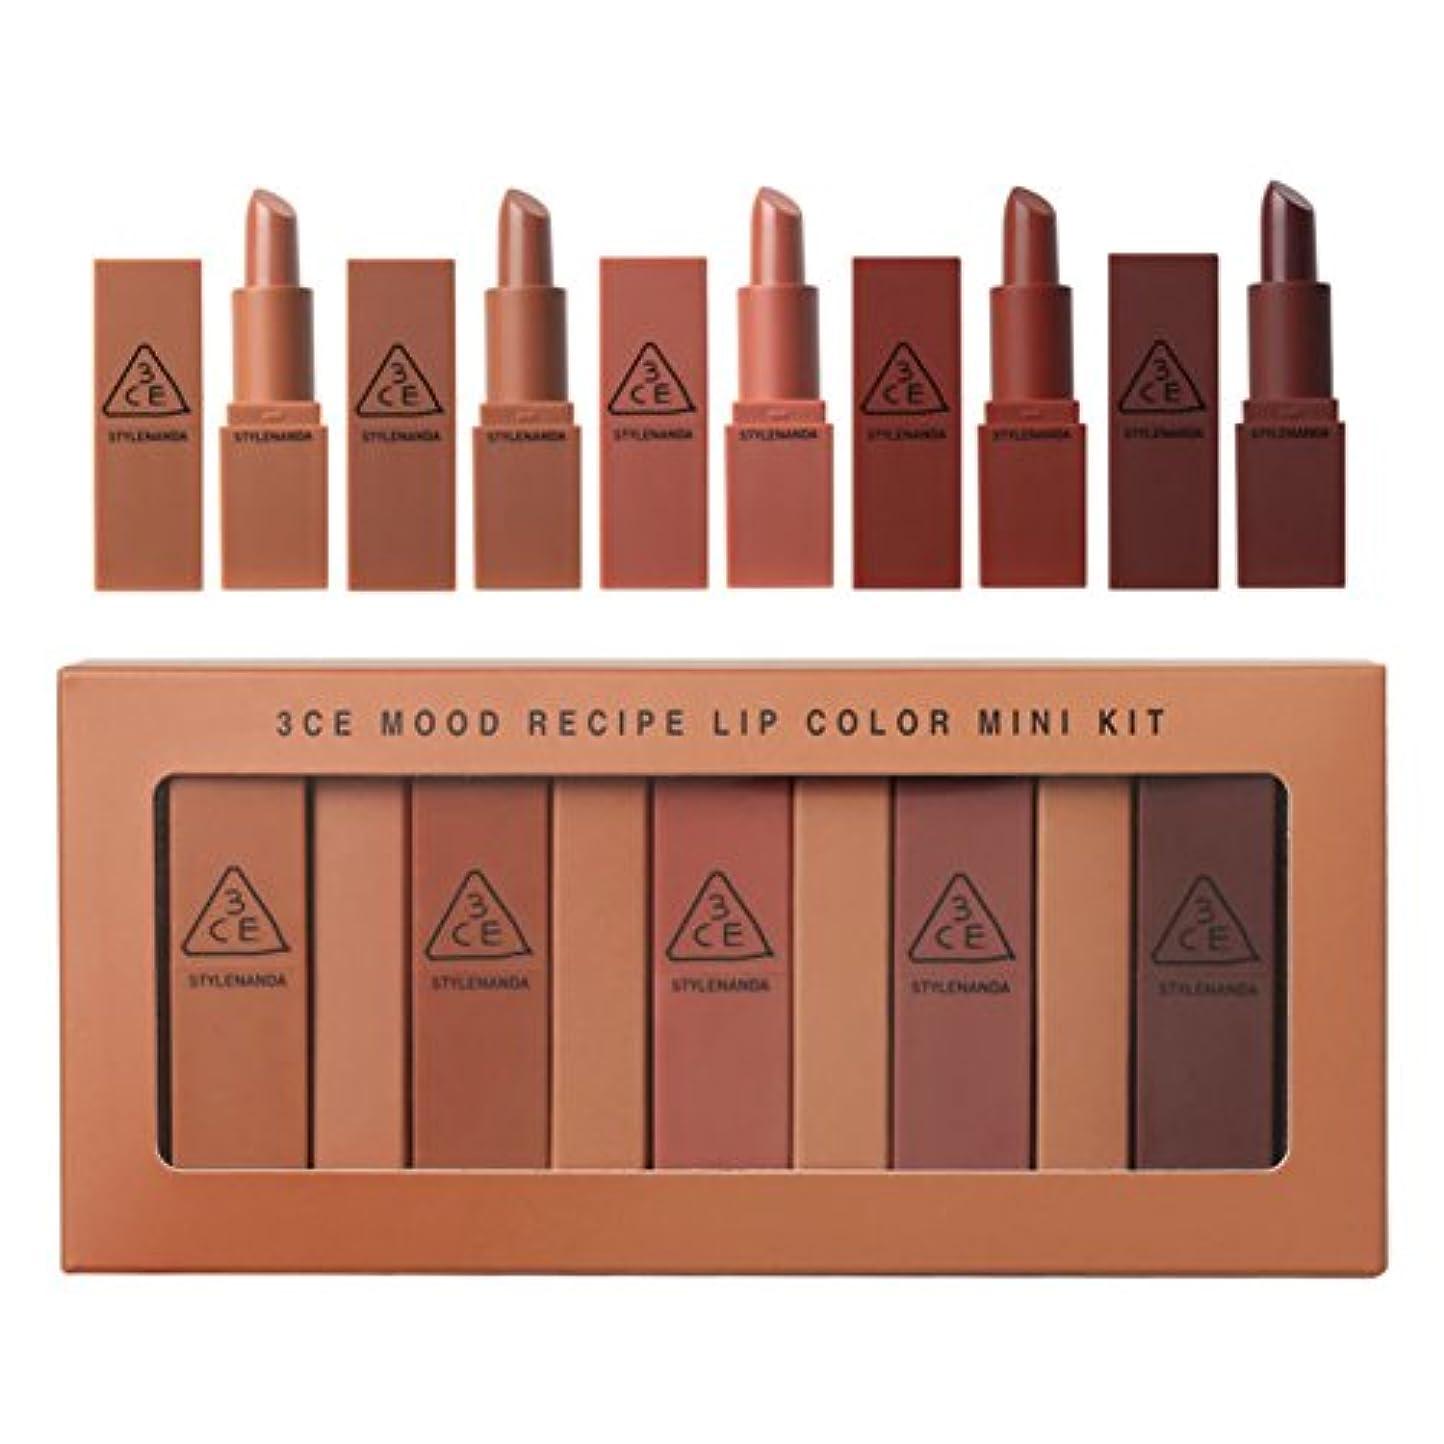 線形メーカー通行料金3CE mood recipe lip color mini kit 3CE ムードレシピ リップ カラー ミニ キット[並行輸入品]